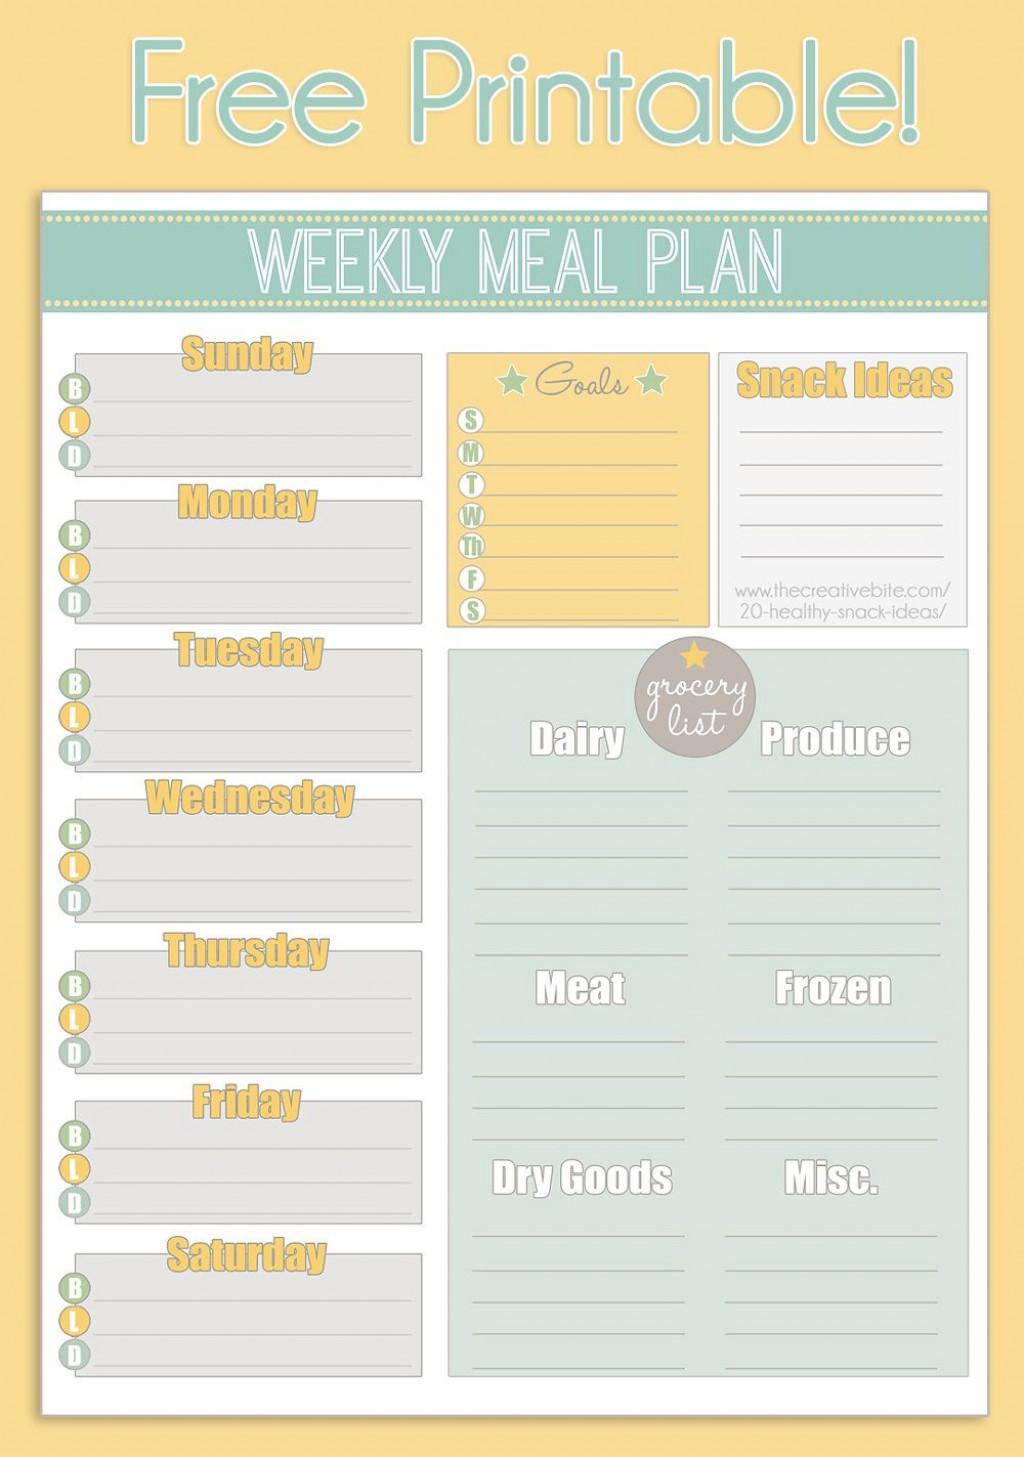 002 Fascinating Free Printable Weekly Meal Plan Template Example  Planning WorksheetLarge